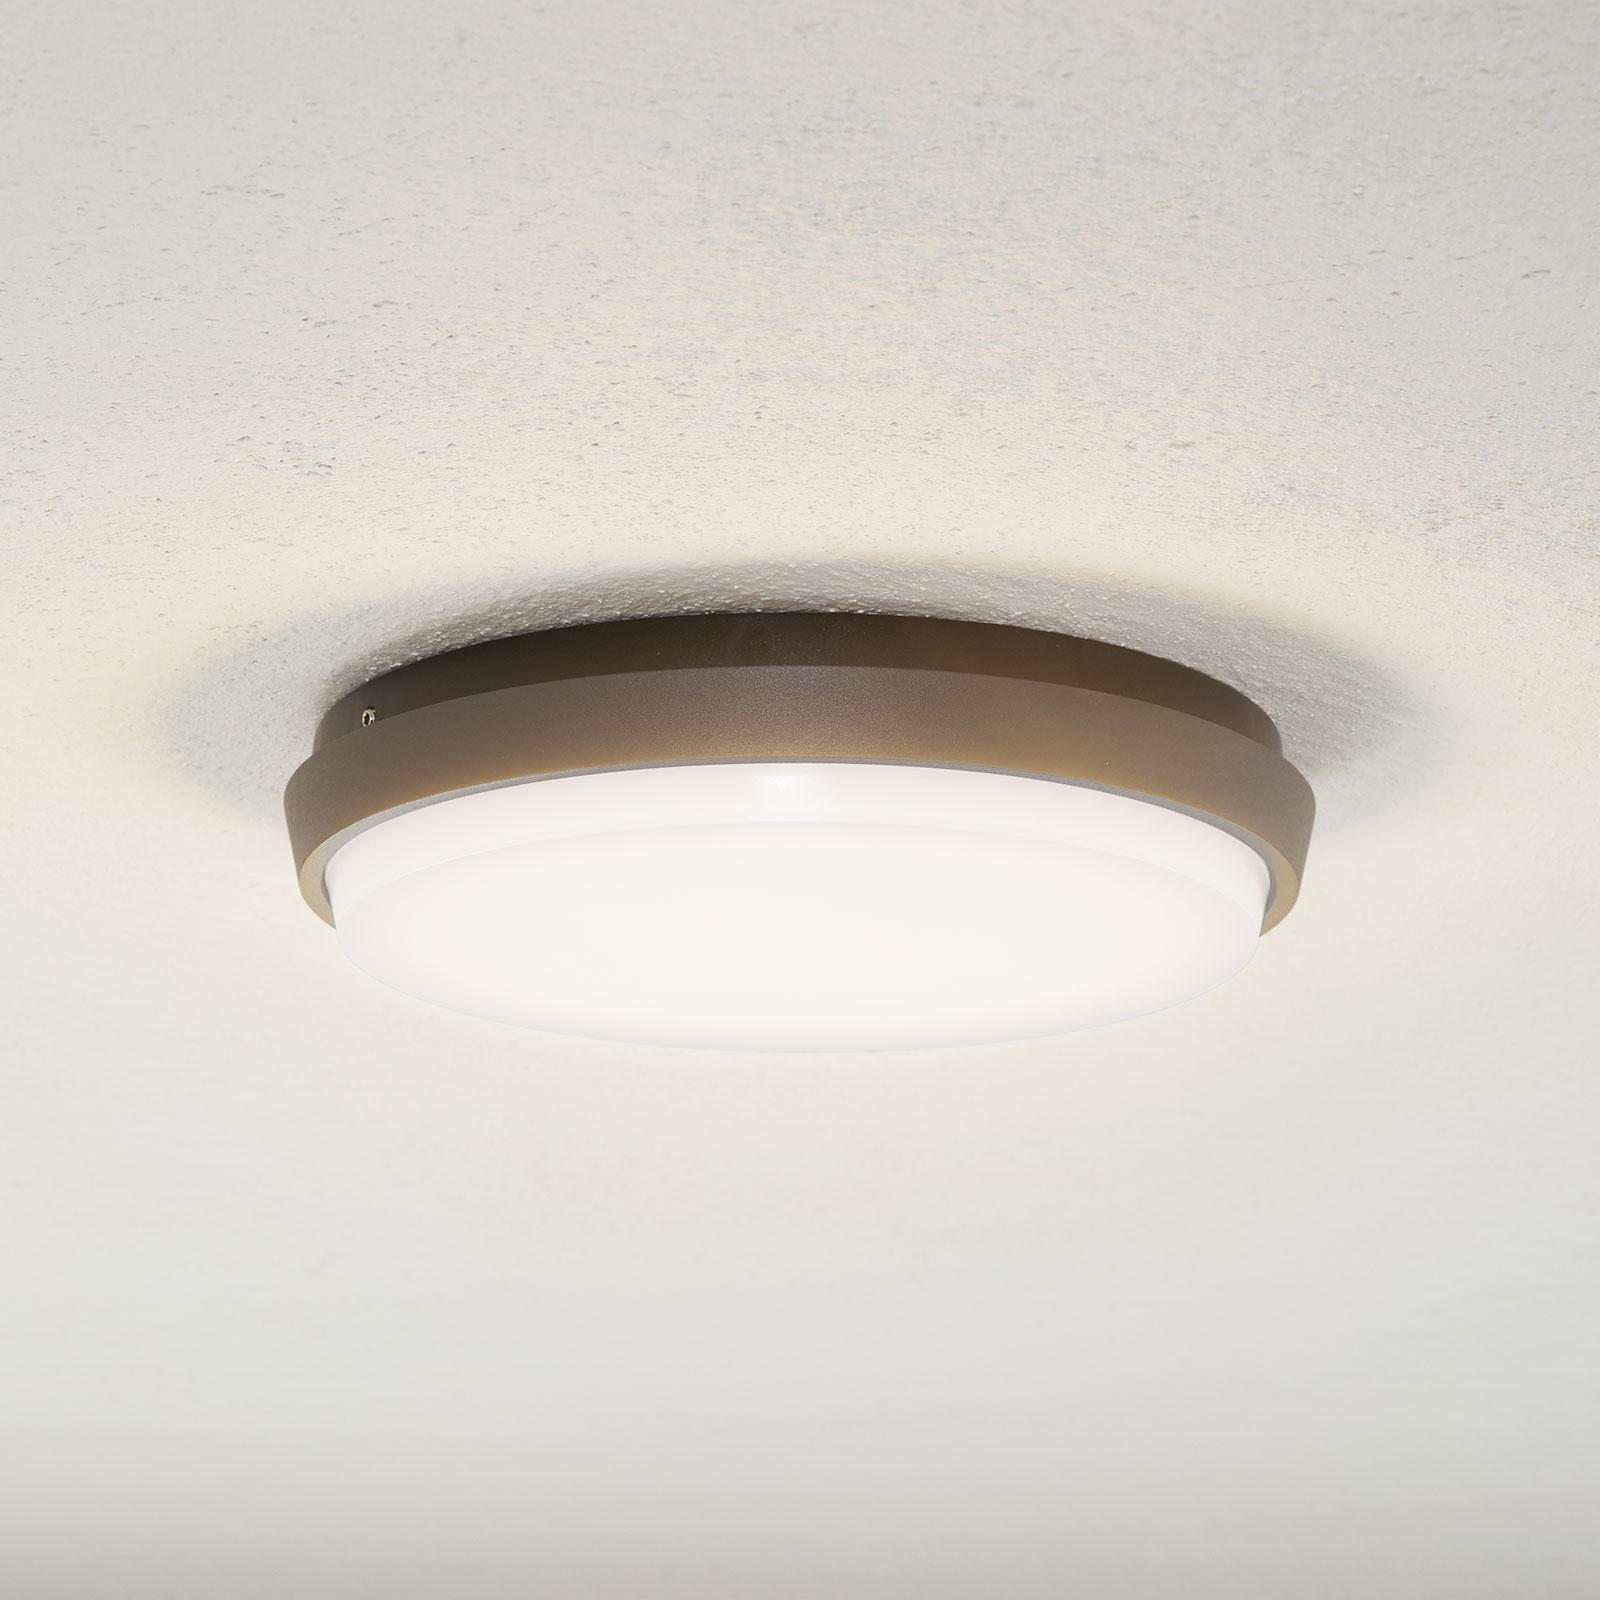 Lucande Amra LED-Außendeckenleuchte, rund, 24 cm